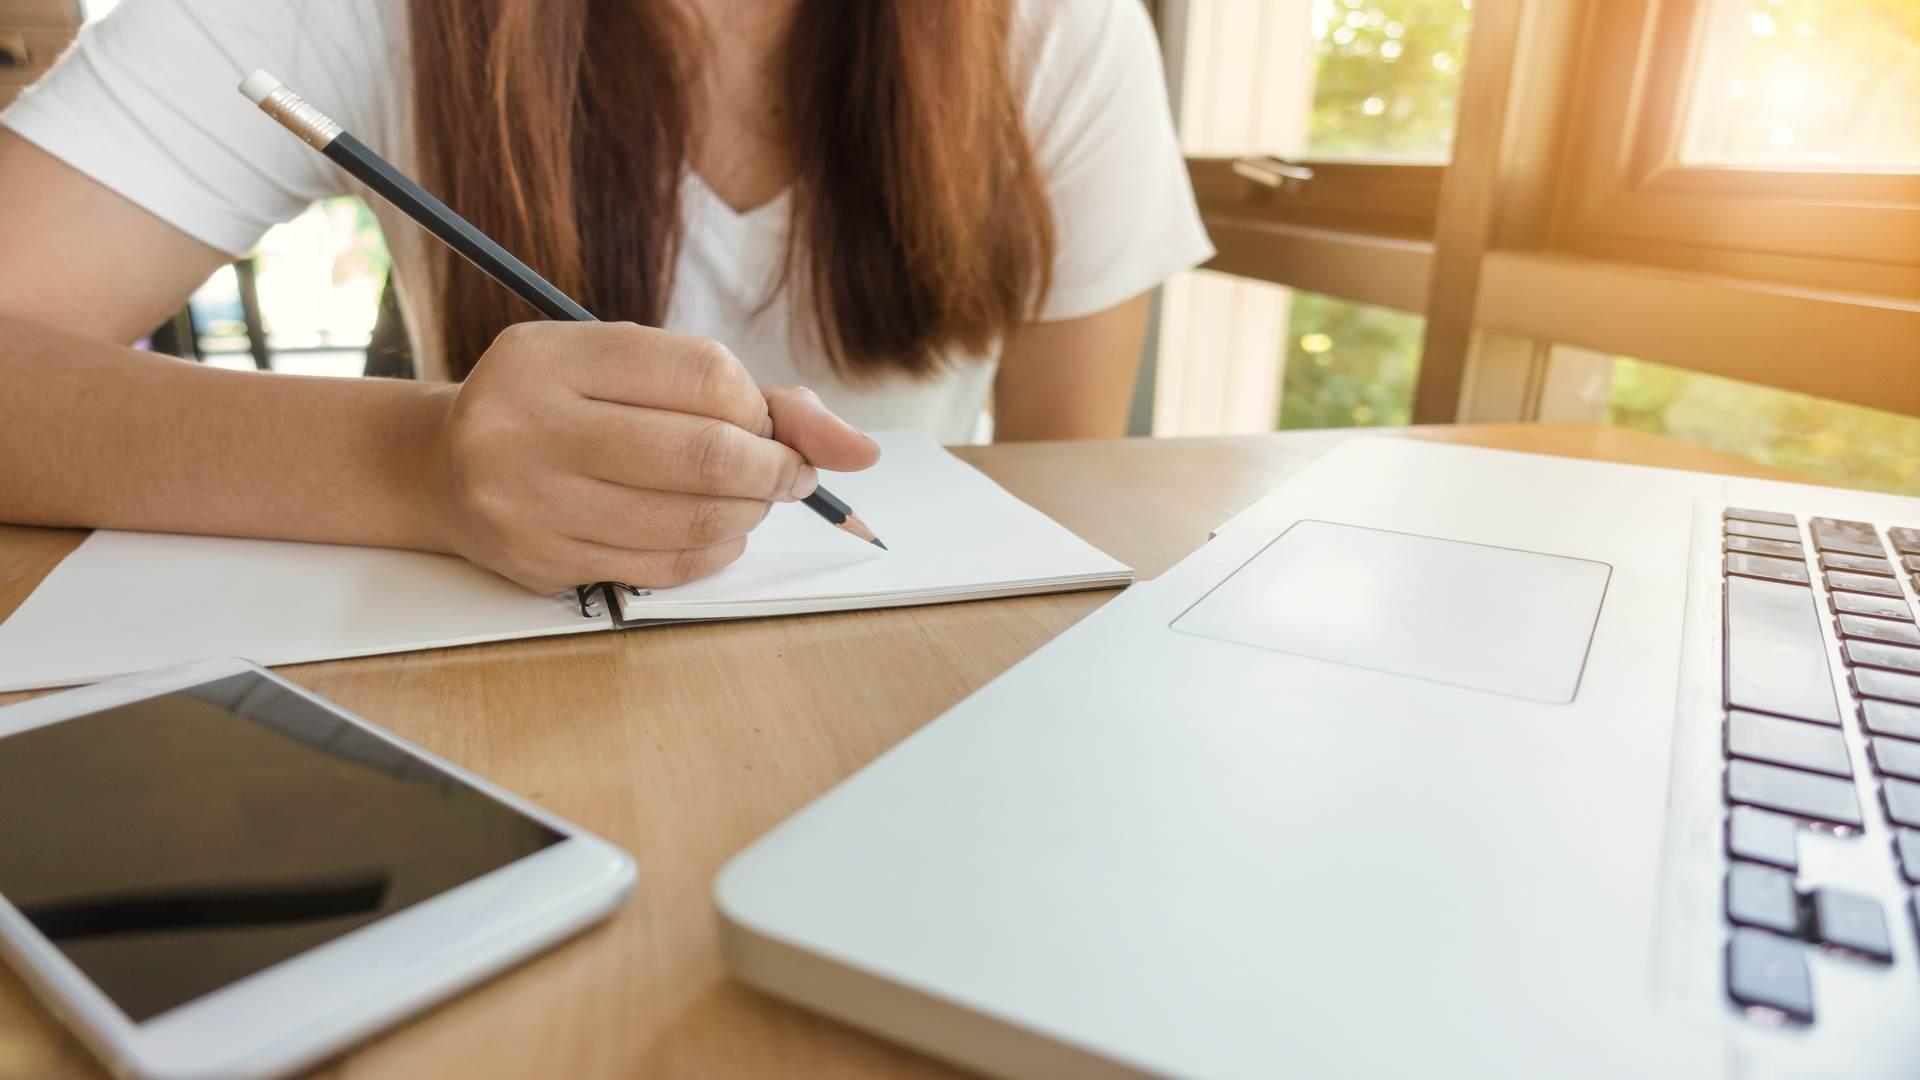 כתיבת תוכן עניינים בעבודה אקדמית